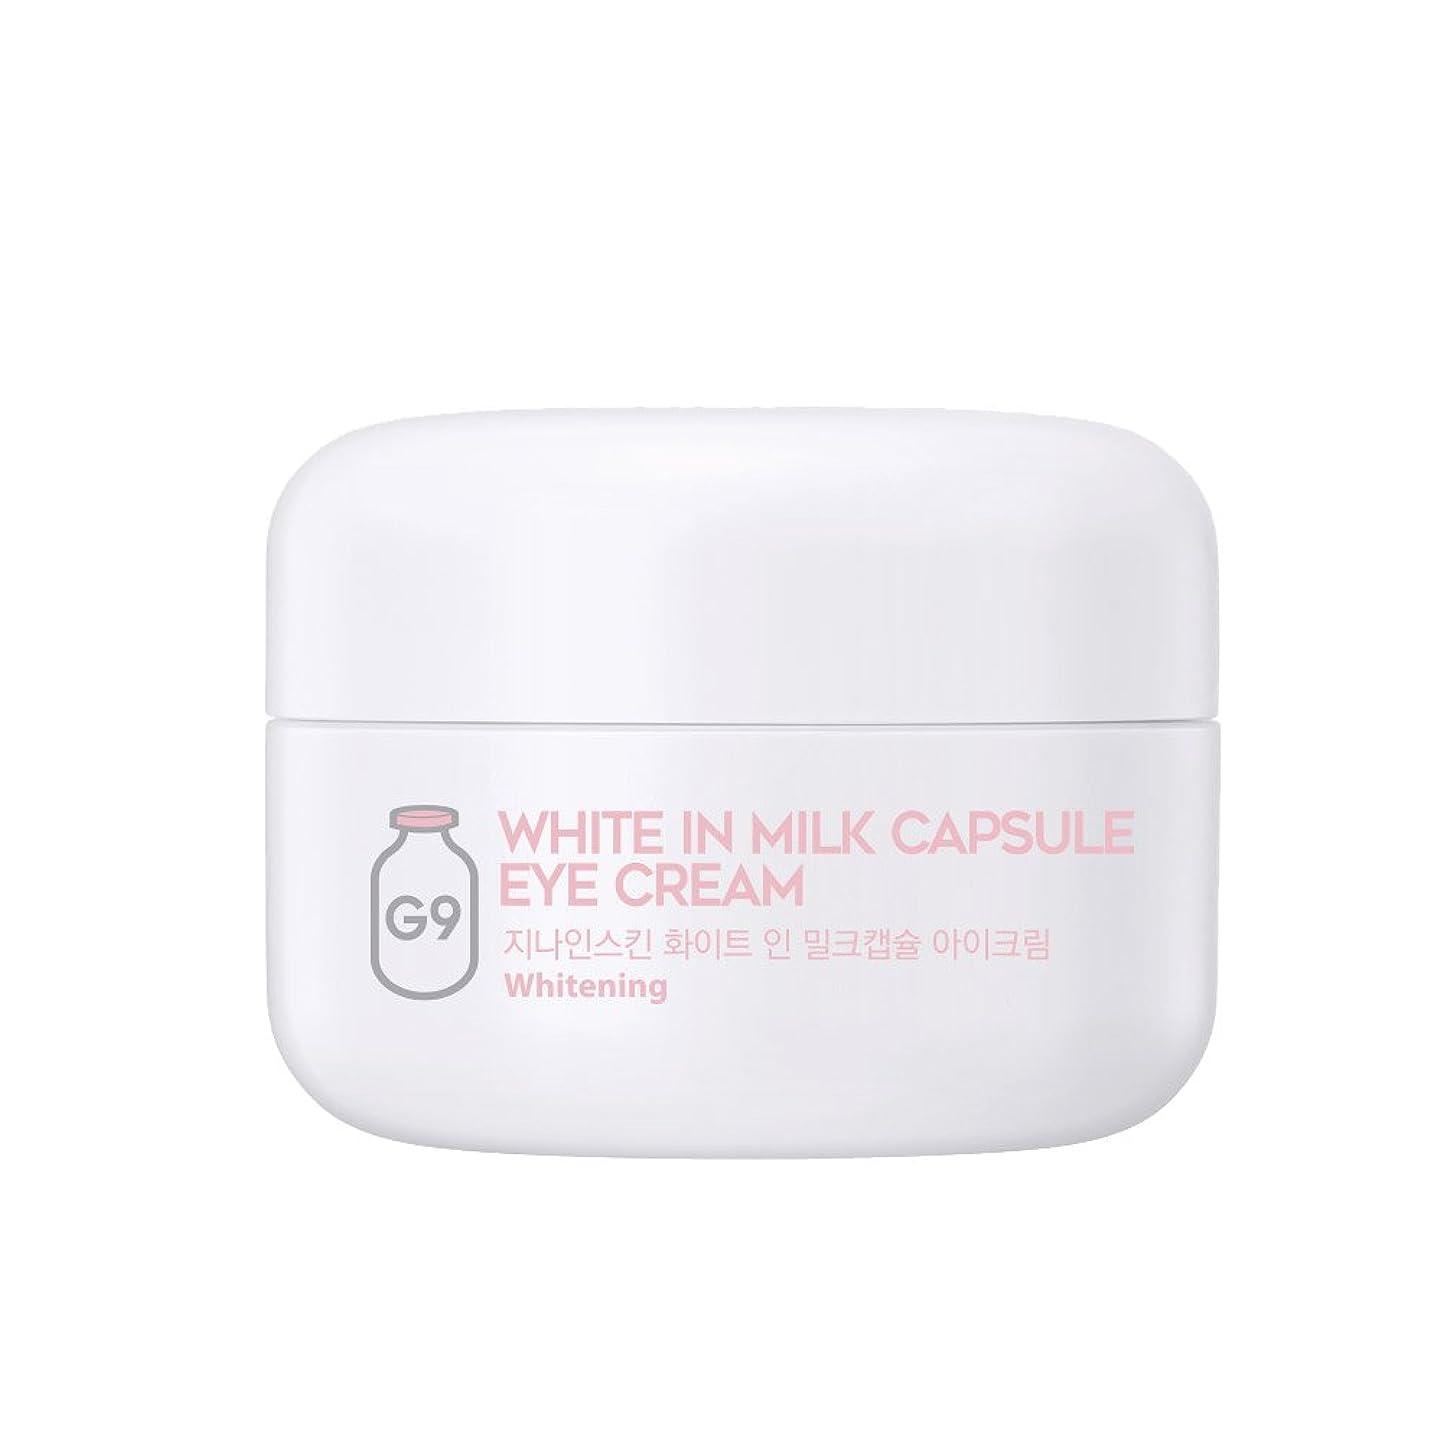 黙認するエクステントホットG9SKIN(ベリサム) White In Milk Capsule Eye Cream ホワイトインミルクカプセルアイクリーム 30g